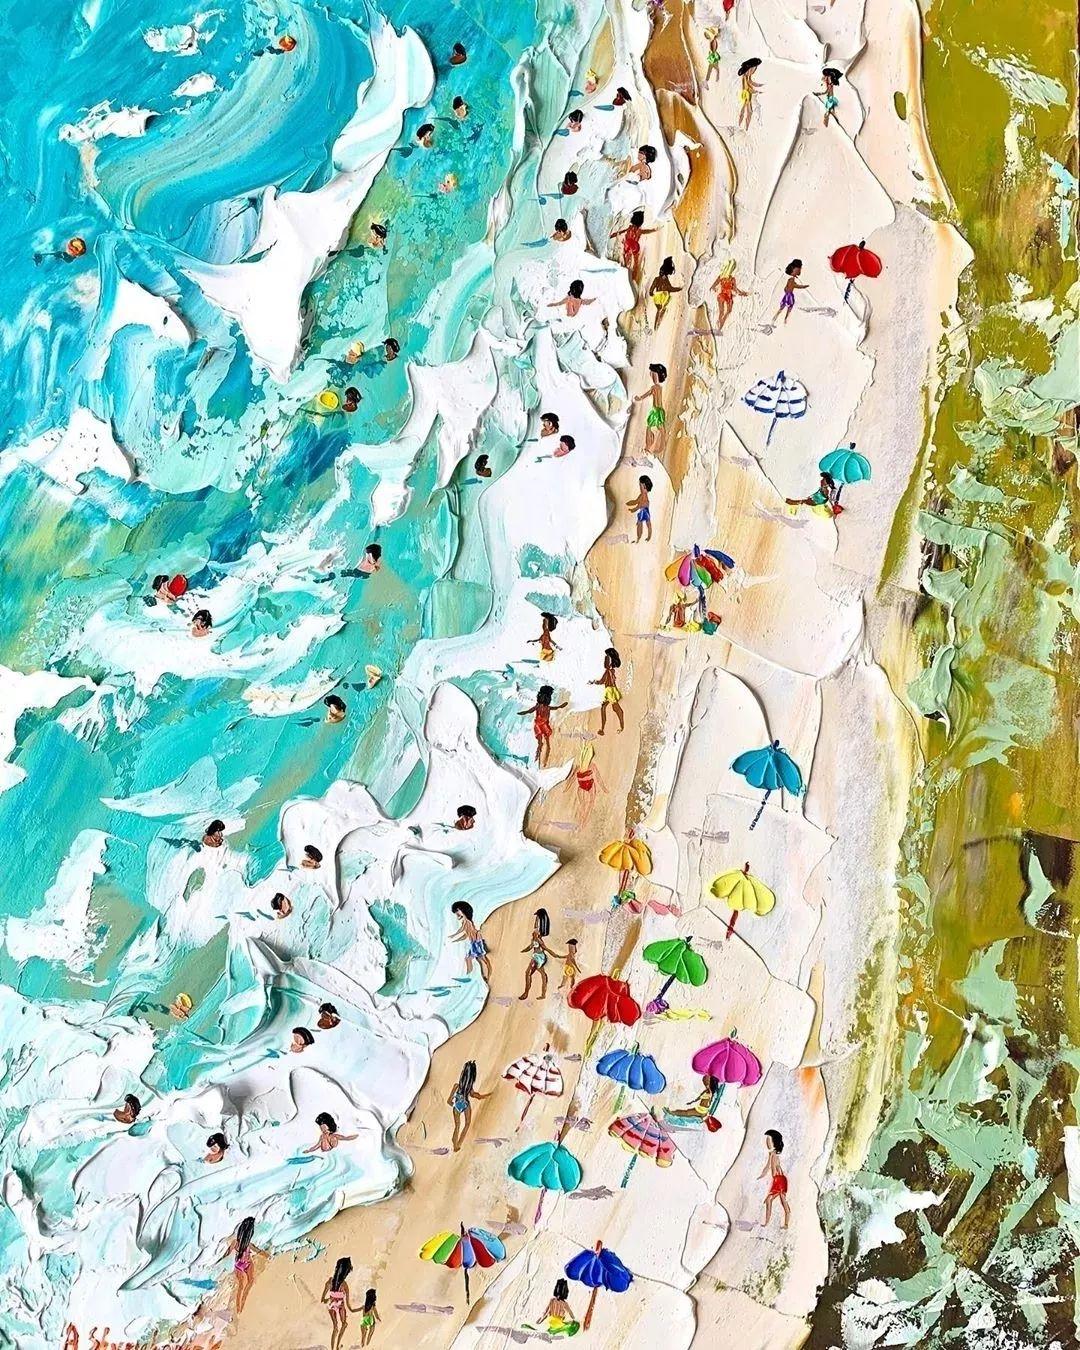 笔触大胆,用色干净利落,爱沙尼亚女画家Alena Shymchonak插图30